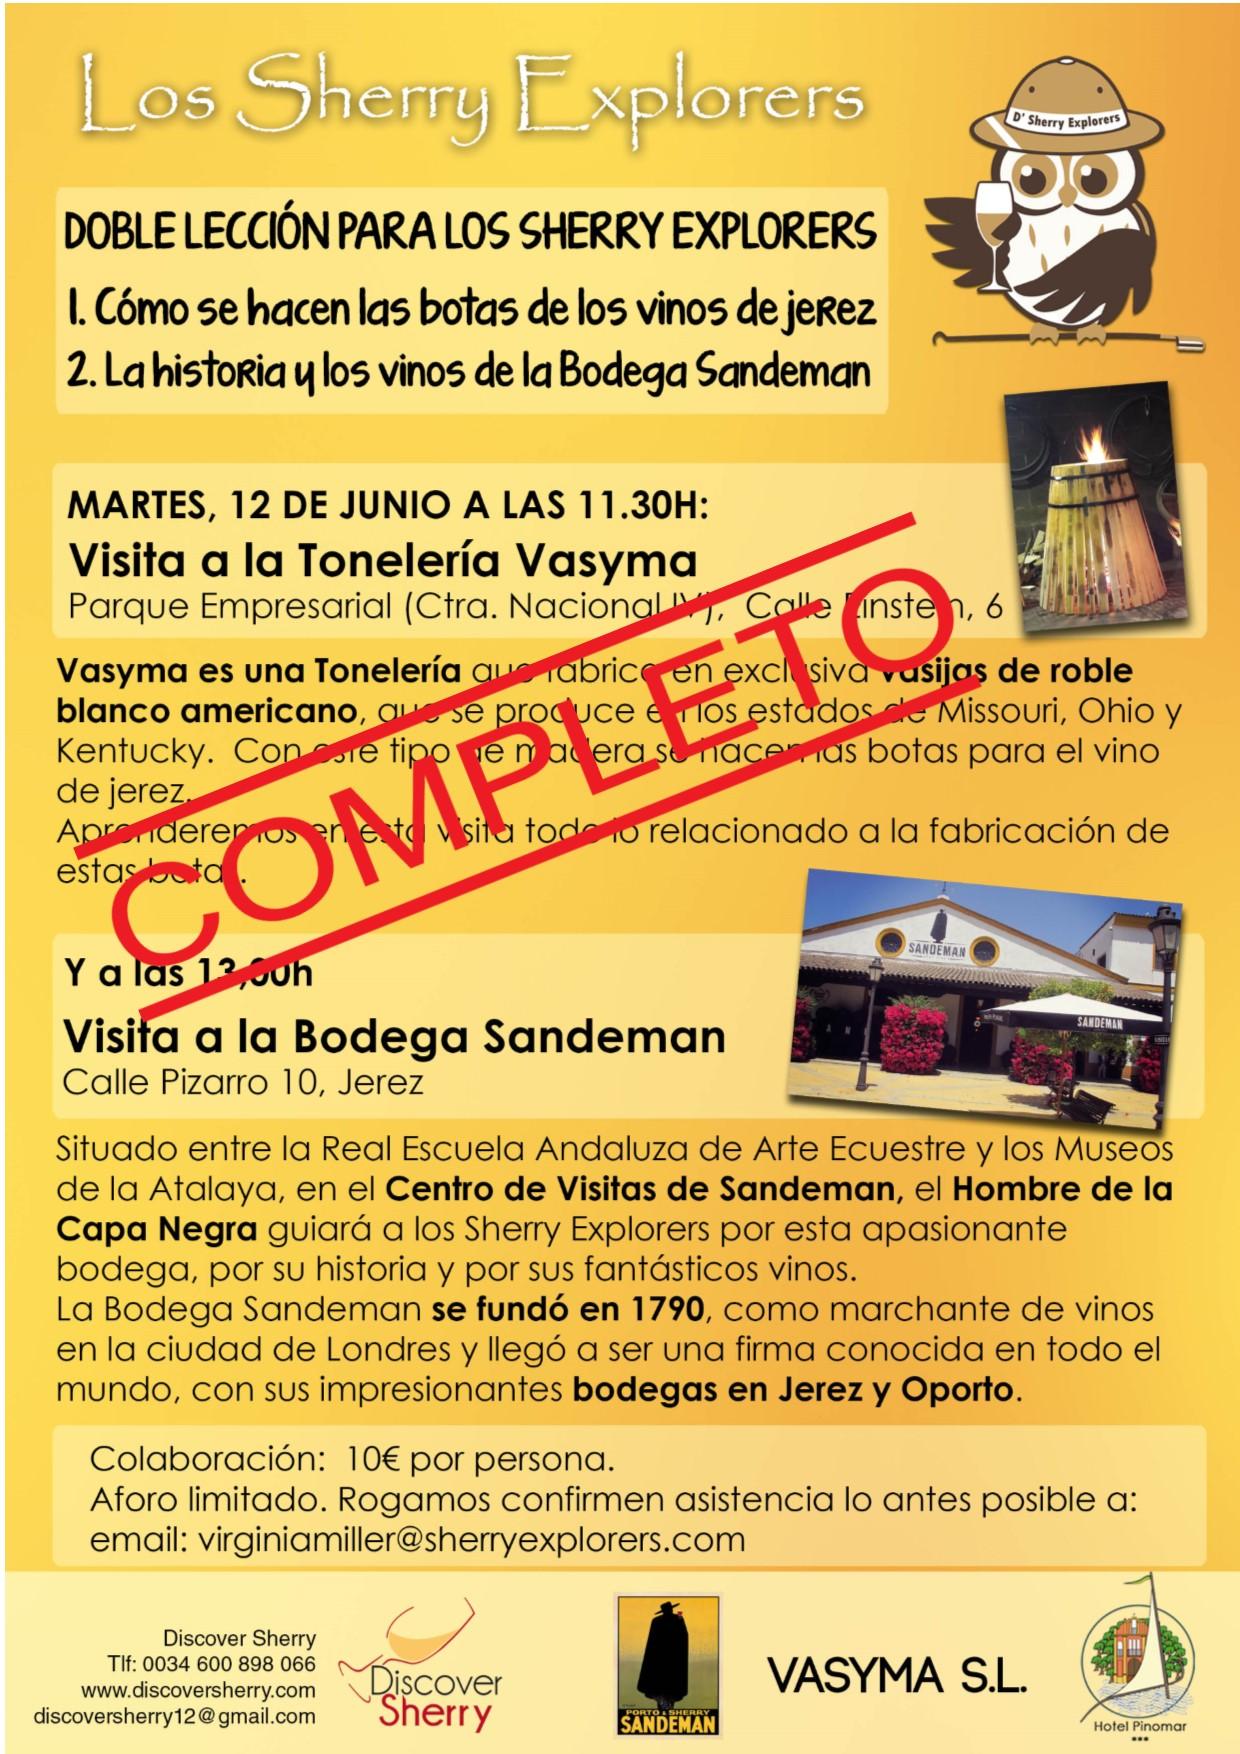 Tonelería VASYMA y Bodega SANDEMAN, COMPLETA la próxima actividad de los SherryExplorers